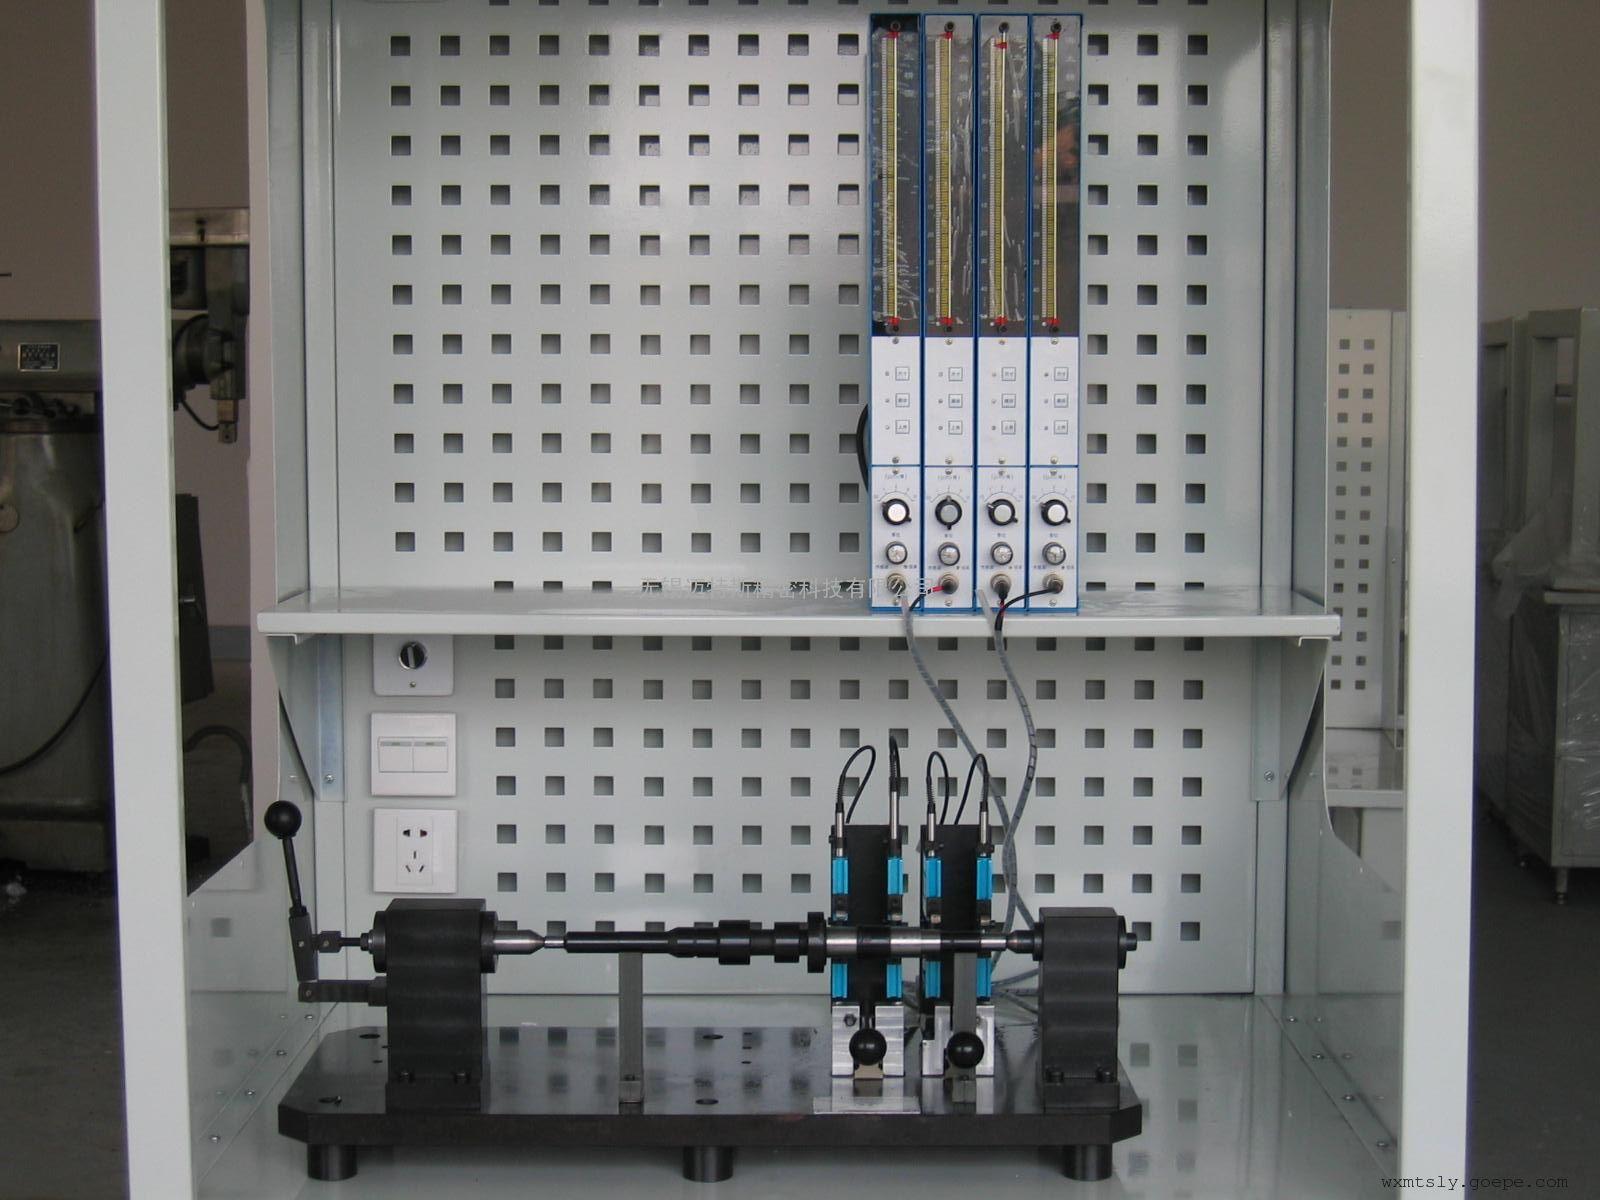 公司优势:    有专业的设计团队,主要设计人员长期从事专用检具设计。有自己独立的粗加工和精加工车间,保证零件加工的精度和质量;保证高难度的零件加工精度和零件的热处理(包括冰冷处理)质量;有经验丰富的装配调试人员,保证检具的装配精度。严格按检具制造的工艺流程制造,检测(三座标,测长仪,测高仪,测厚仪,圆度仪,影像仪)关键零部件及校准件委托专业的计量检测中心检测。执行国际通用的验收标准;有专门的高素质售后服务人员;有快速响应机制和良好的售后服务理念。 目前客户:    已为上汽通用、上海交运、山东潍坊柴油